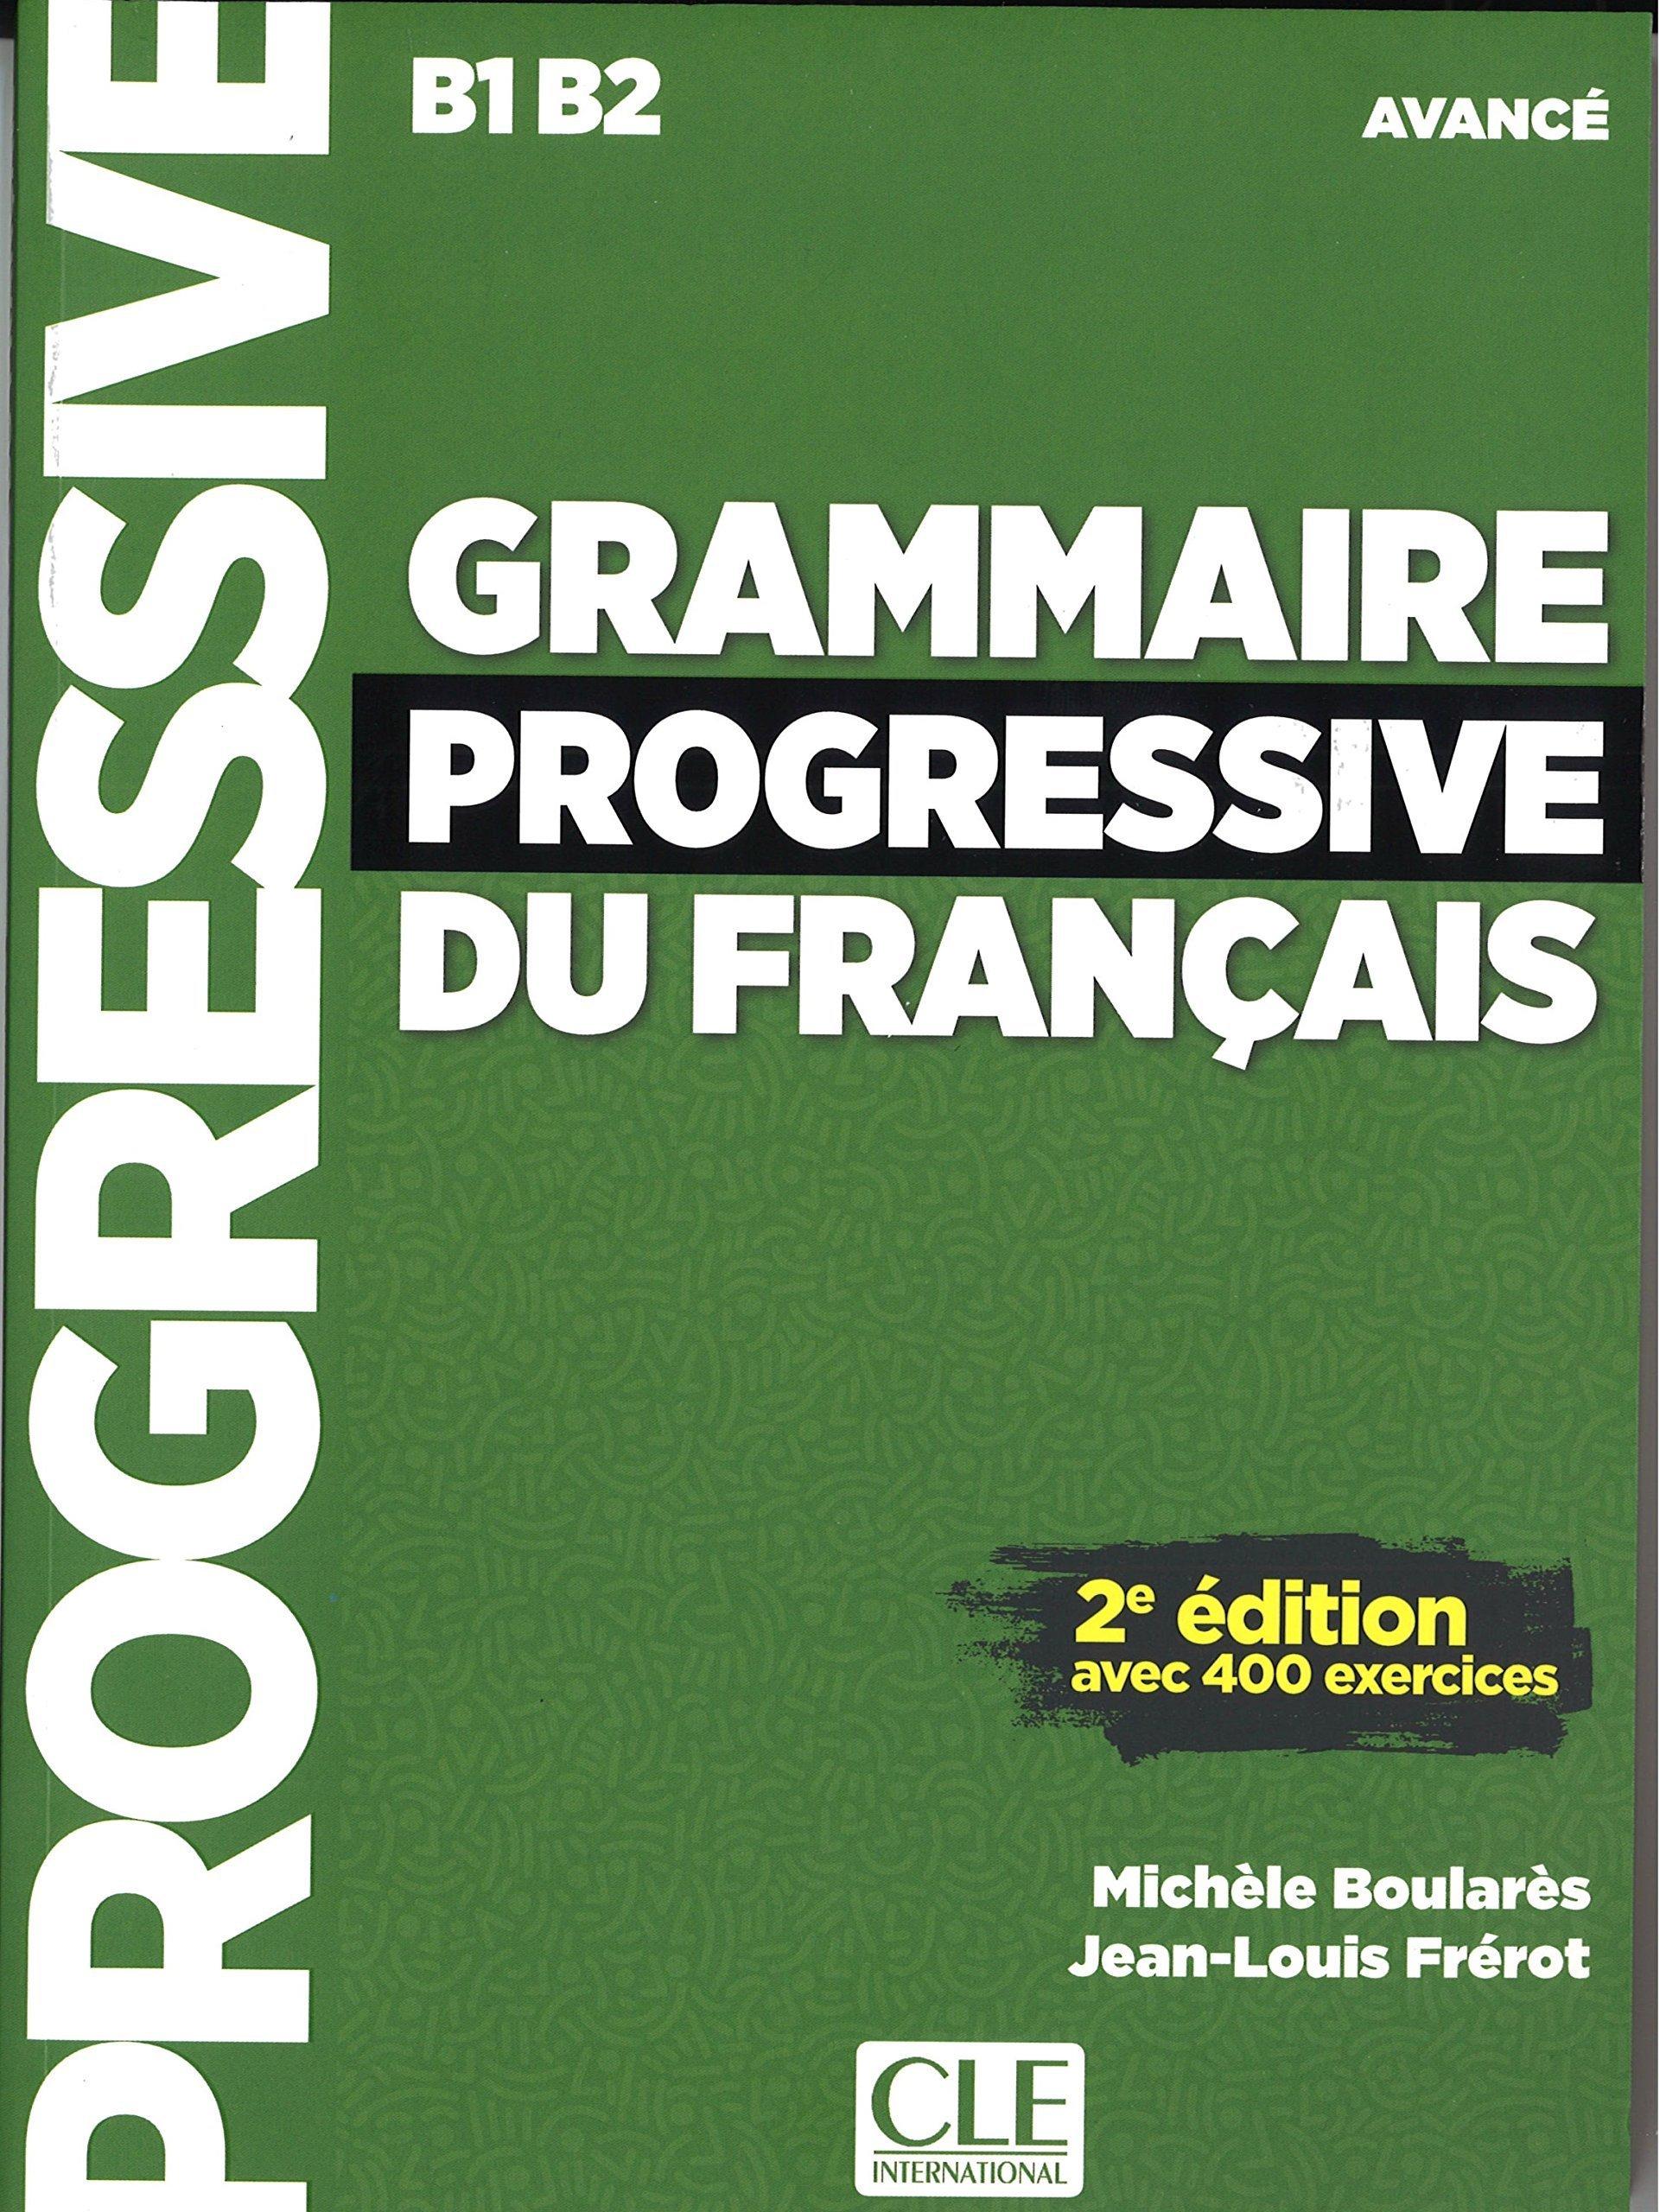 Download Grammaire progressive du français - Niveau avancé - Livre + CD - 2ème édition Nouvelle couverture (French Edition) pdf epub